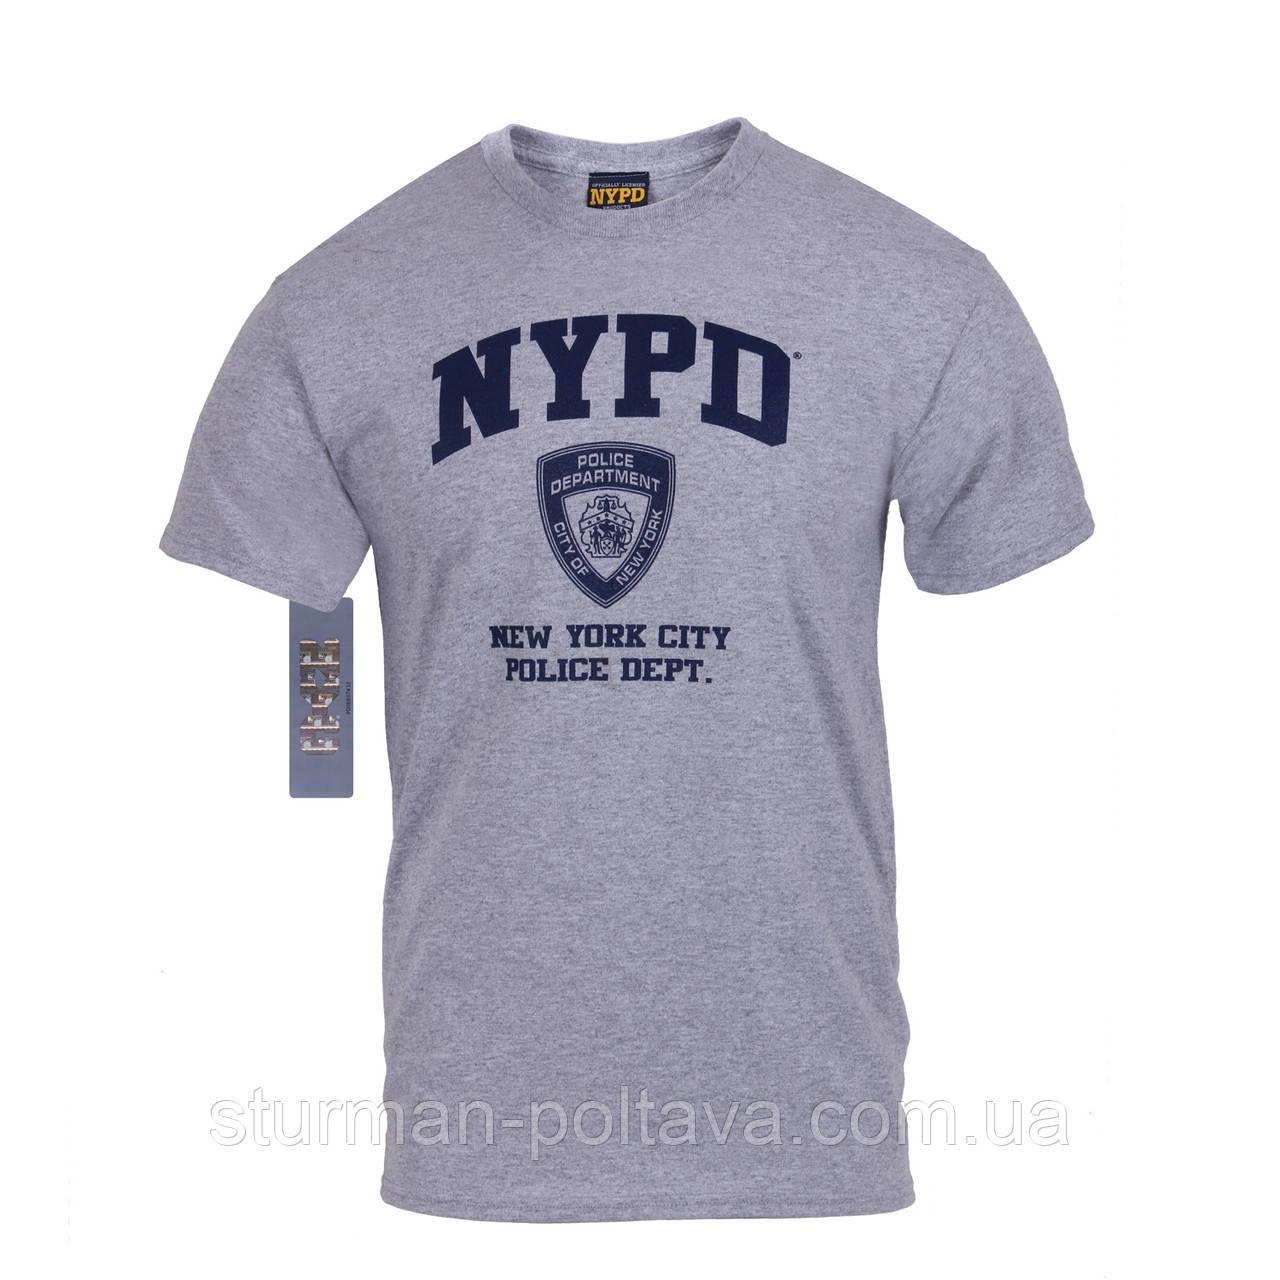 """Футболка чоловіча логотип 'NYPD"""" поліція офіційна сіра США"""